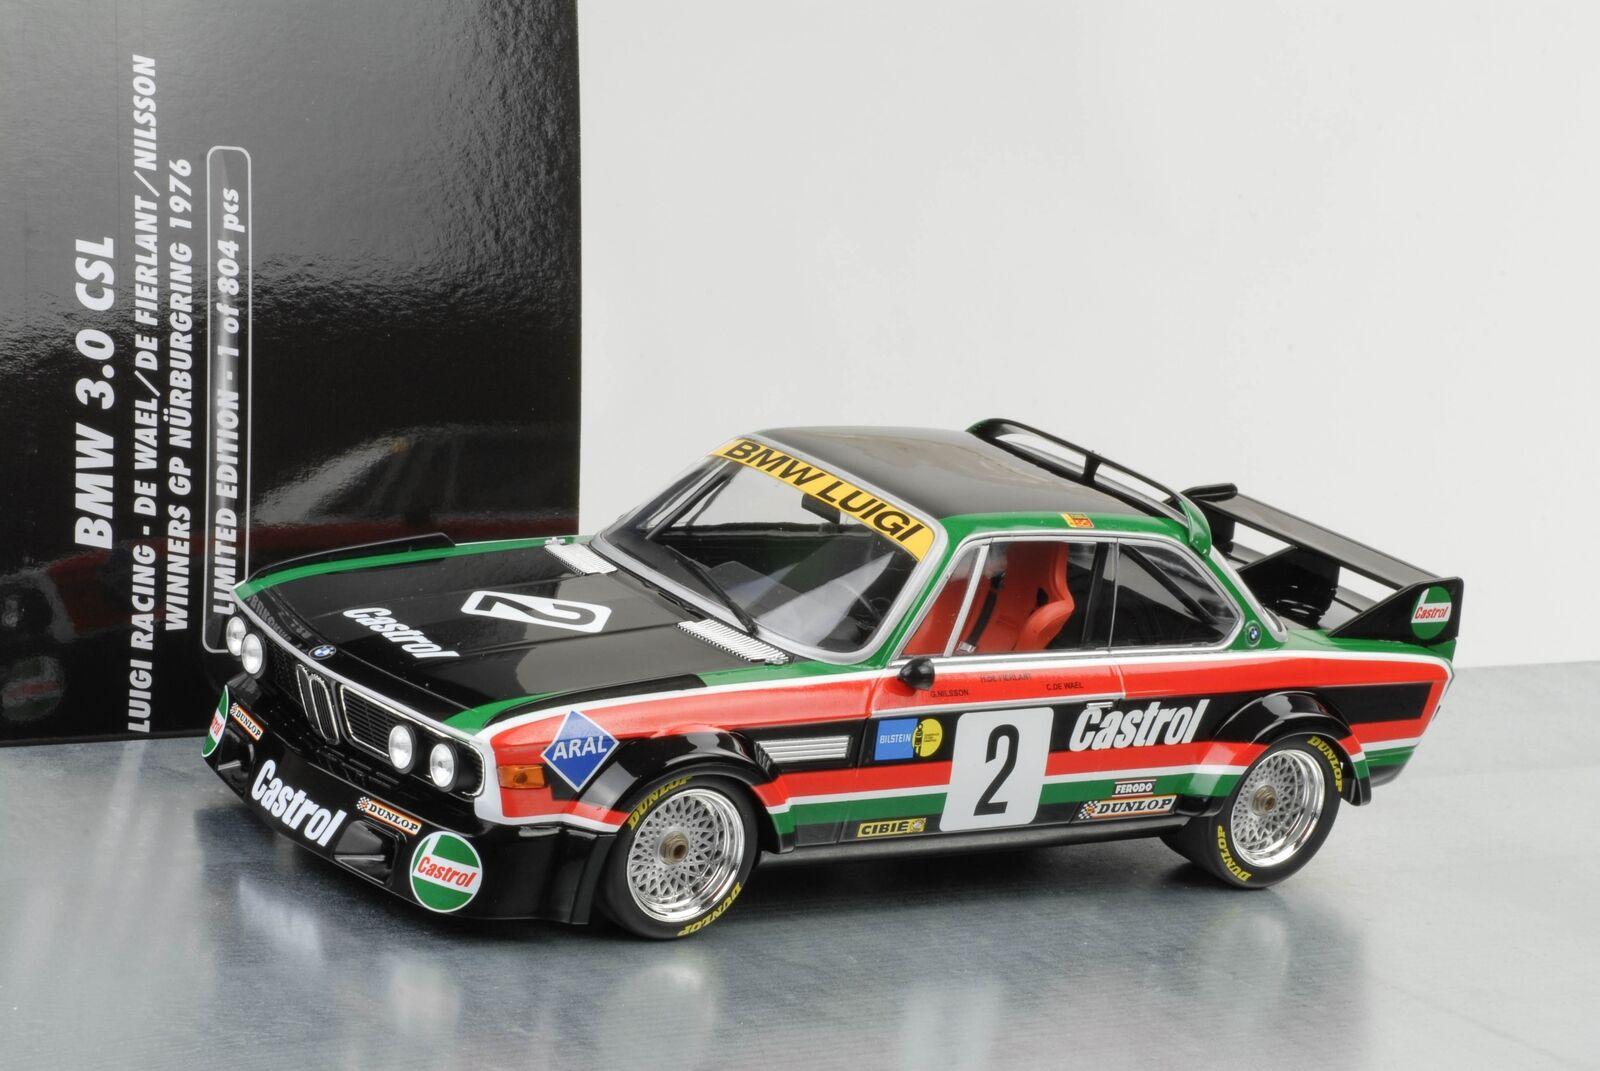 1976 BMW 3.0 CSL taille 2 luigi Racing  2 Winner GP Nurburgring 1 18 Minichamps